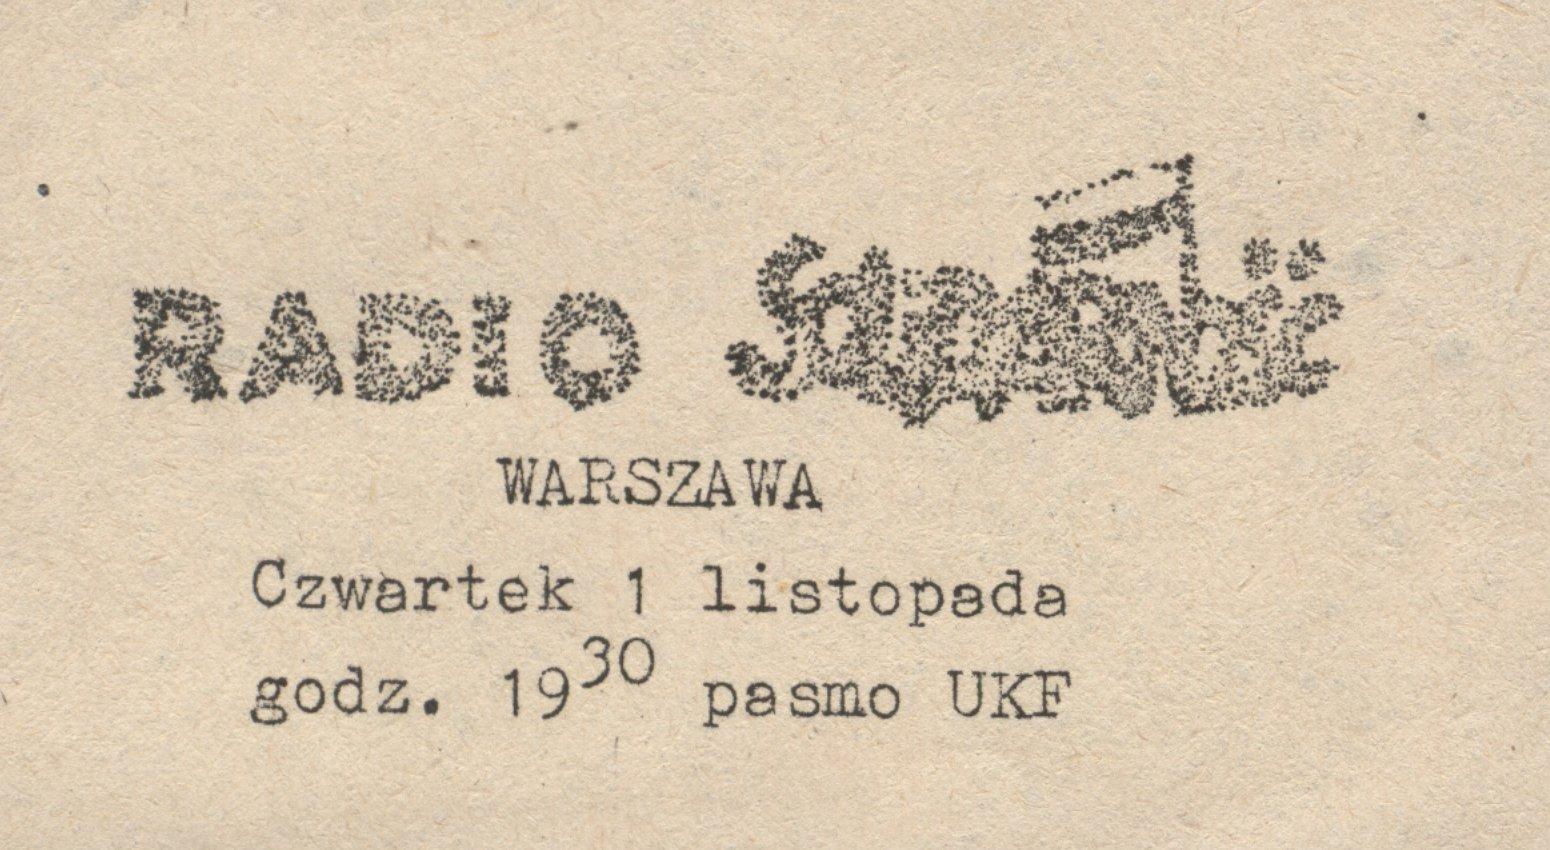 Powrót do PRLu – głosowanie ustawy bez poprawek (ustawa o weteranach opozycji przyjęta)